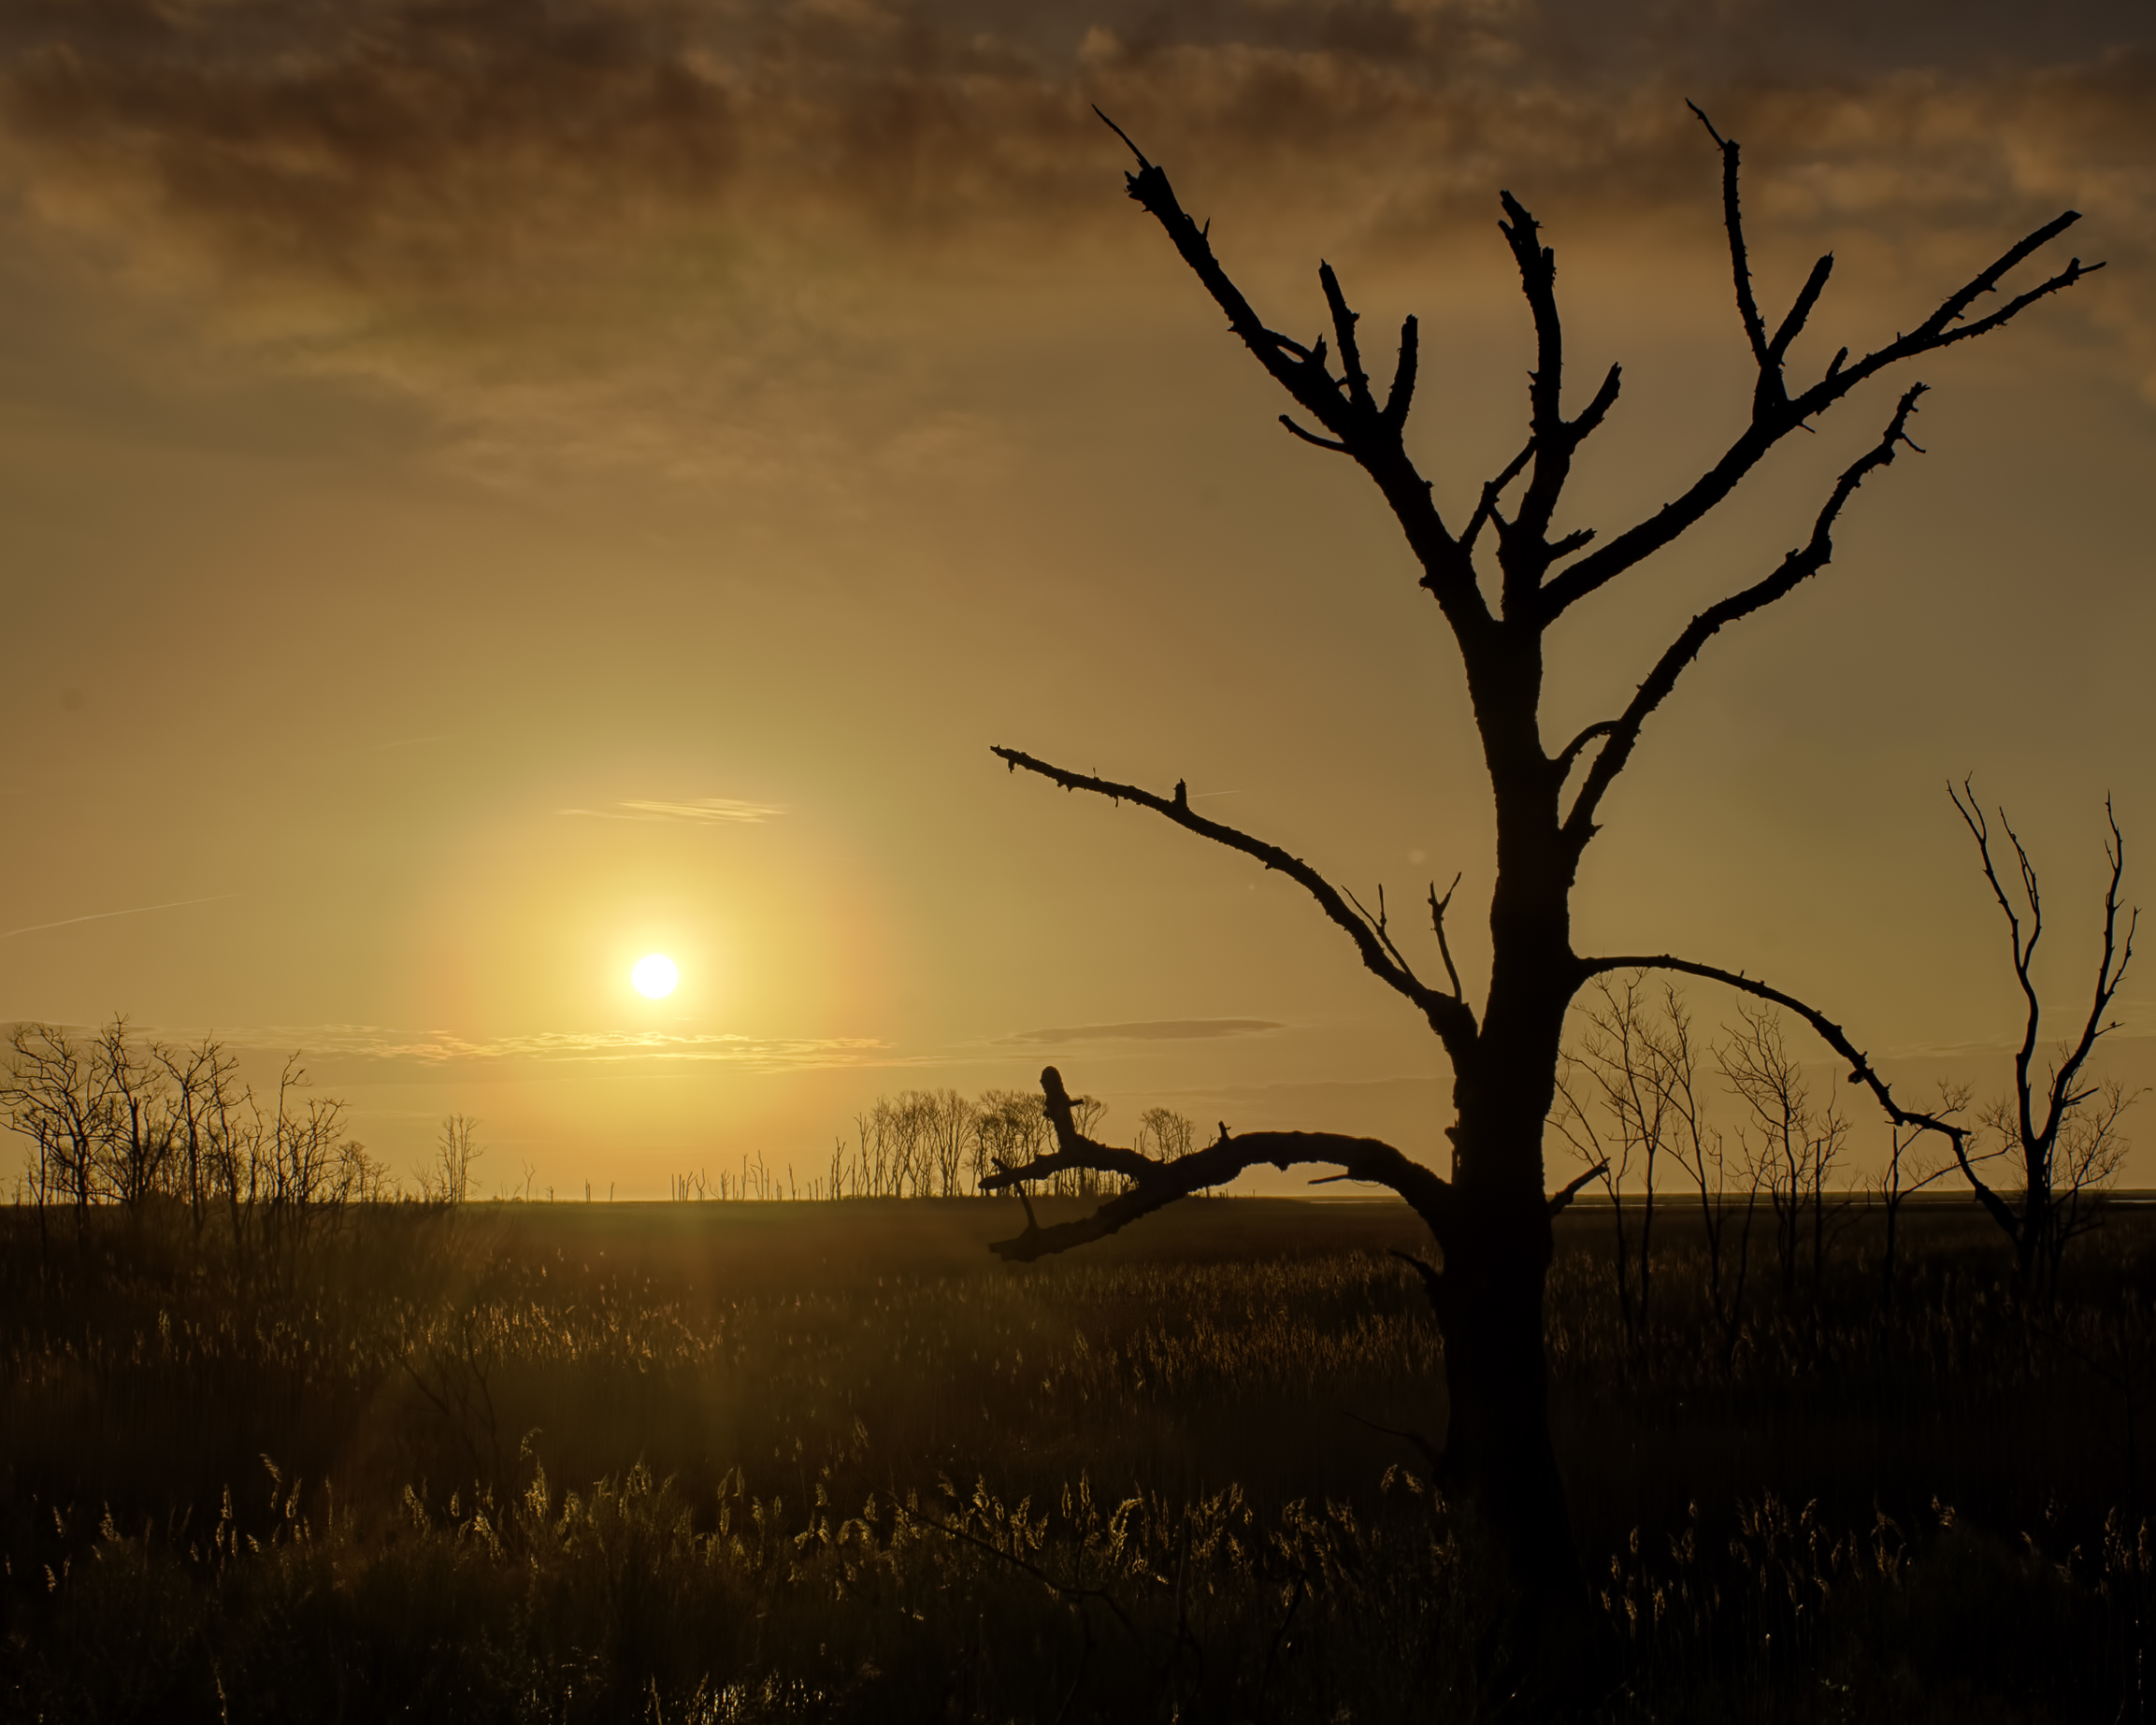 Sunrise at Bombay Hook National Wildlife Refuge on 4-16-2013